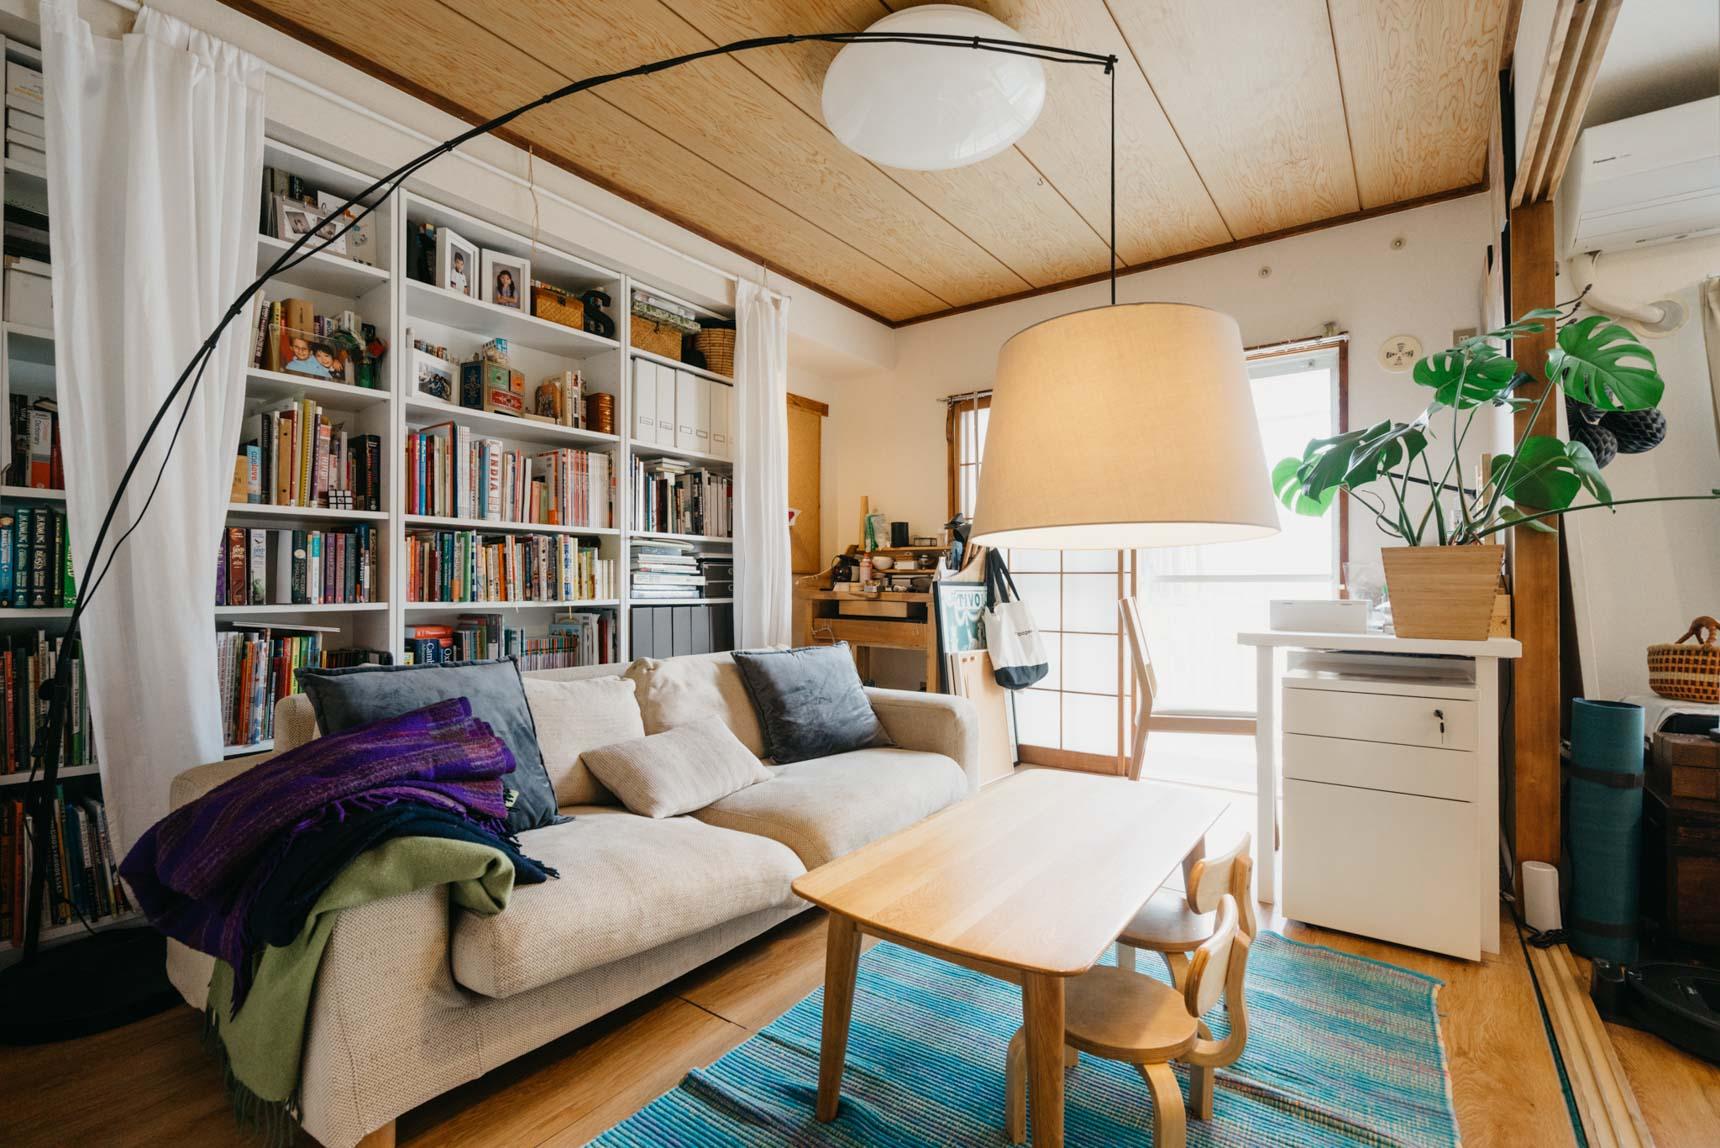 IKEAの定番商品、BILLYは棚が可動式で本のサイズに合わせて変えられます。世界中で愛用している人が多く「IKEA BILLY」で検索するといろんな風にカスタマイズして使っているお部屋を見ることができますよ。こちらのお部屋ではカーテンと組み合わせてお客さんが来るときには隠すことも可能に。あまり重いものを乗せると棚板がたわむことがあるのと、組み立てに広いスペースが必要な点だけ注意して。